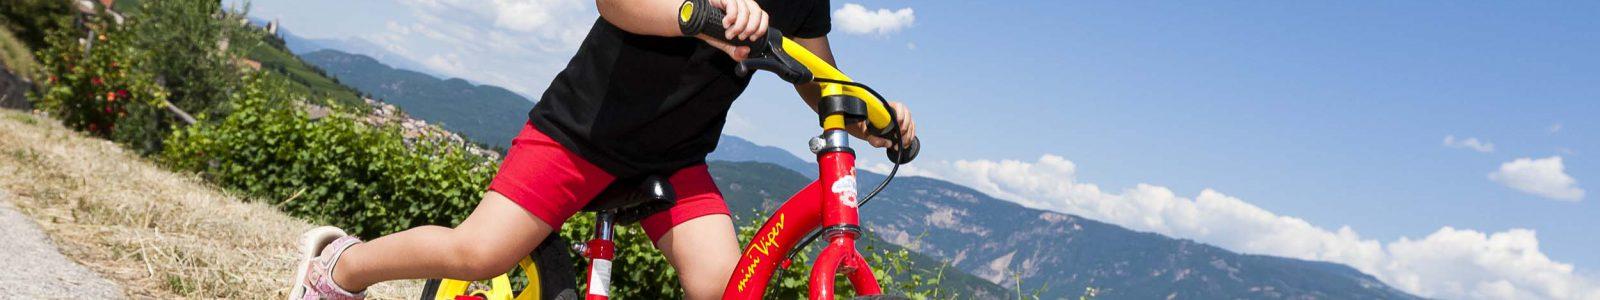 Radfahren Kind